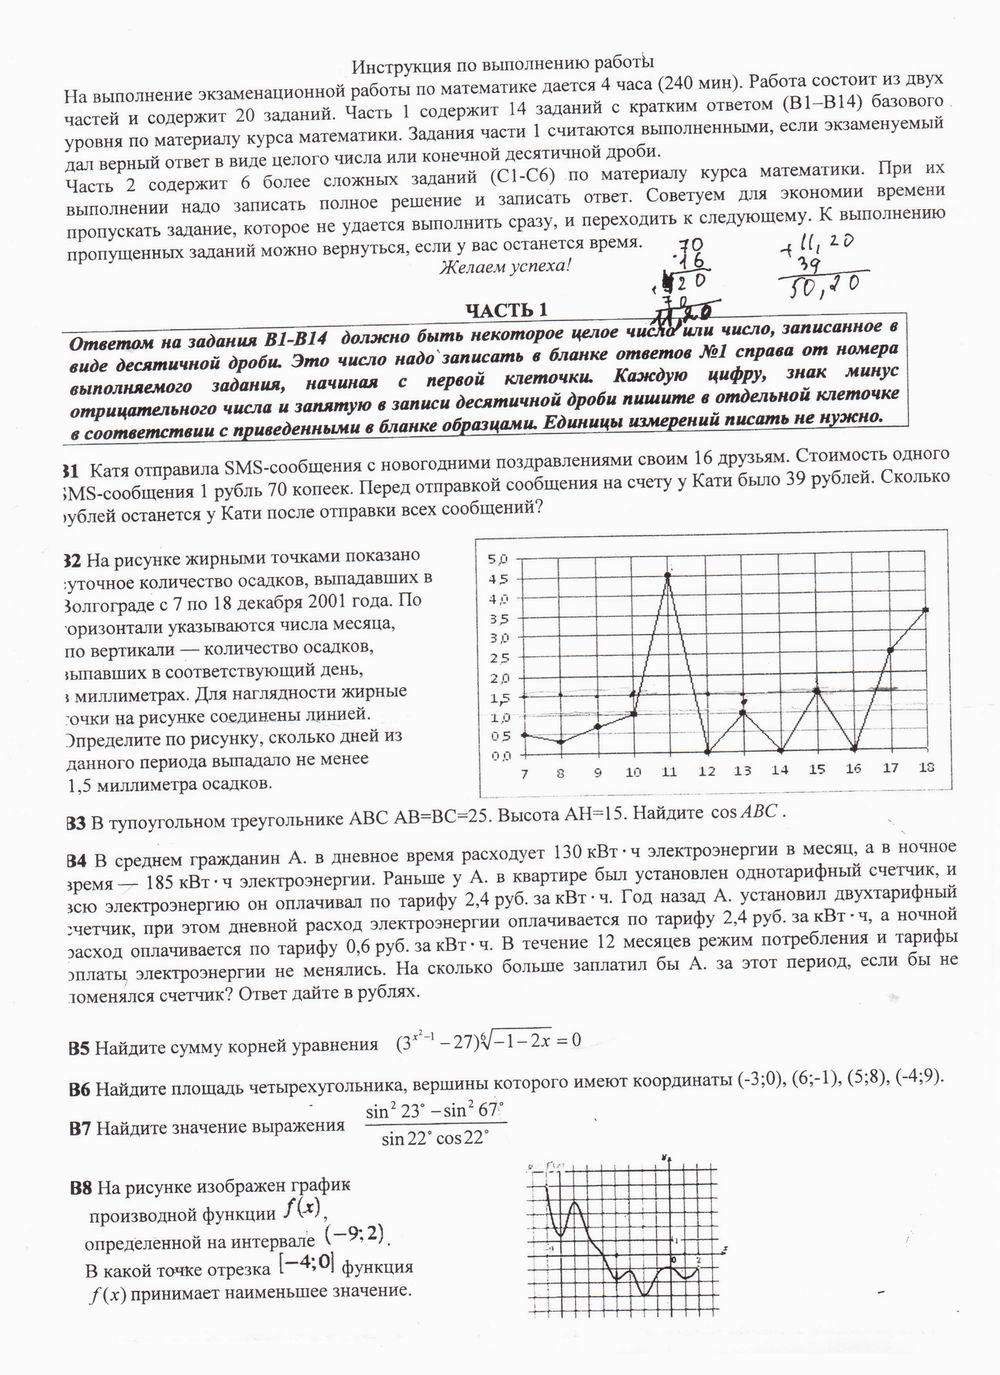 пробный гиа по русскому языку 2014 9 класс